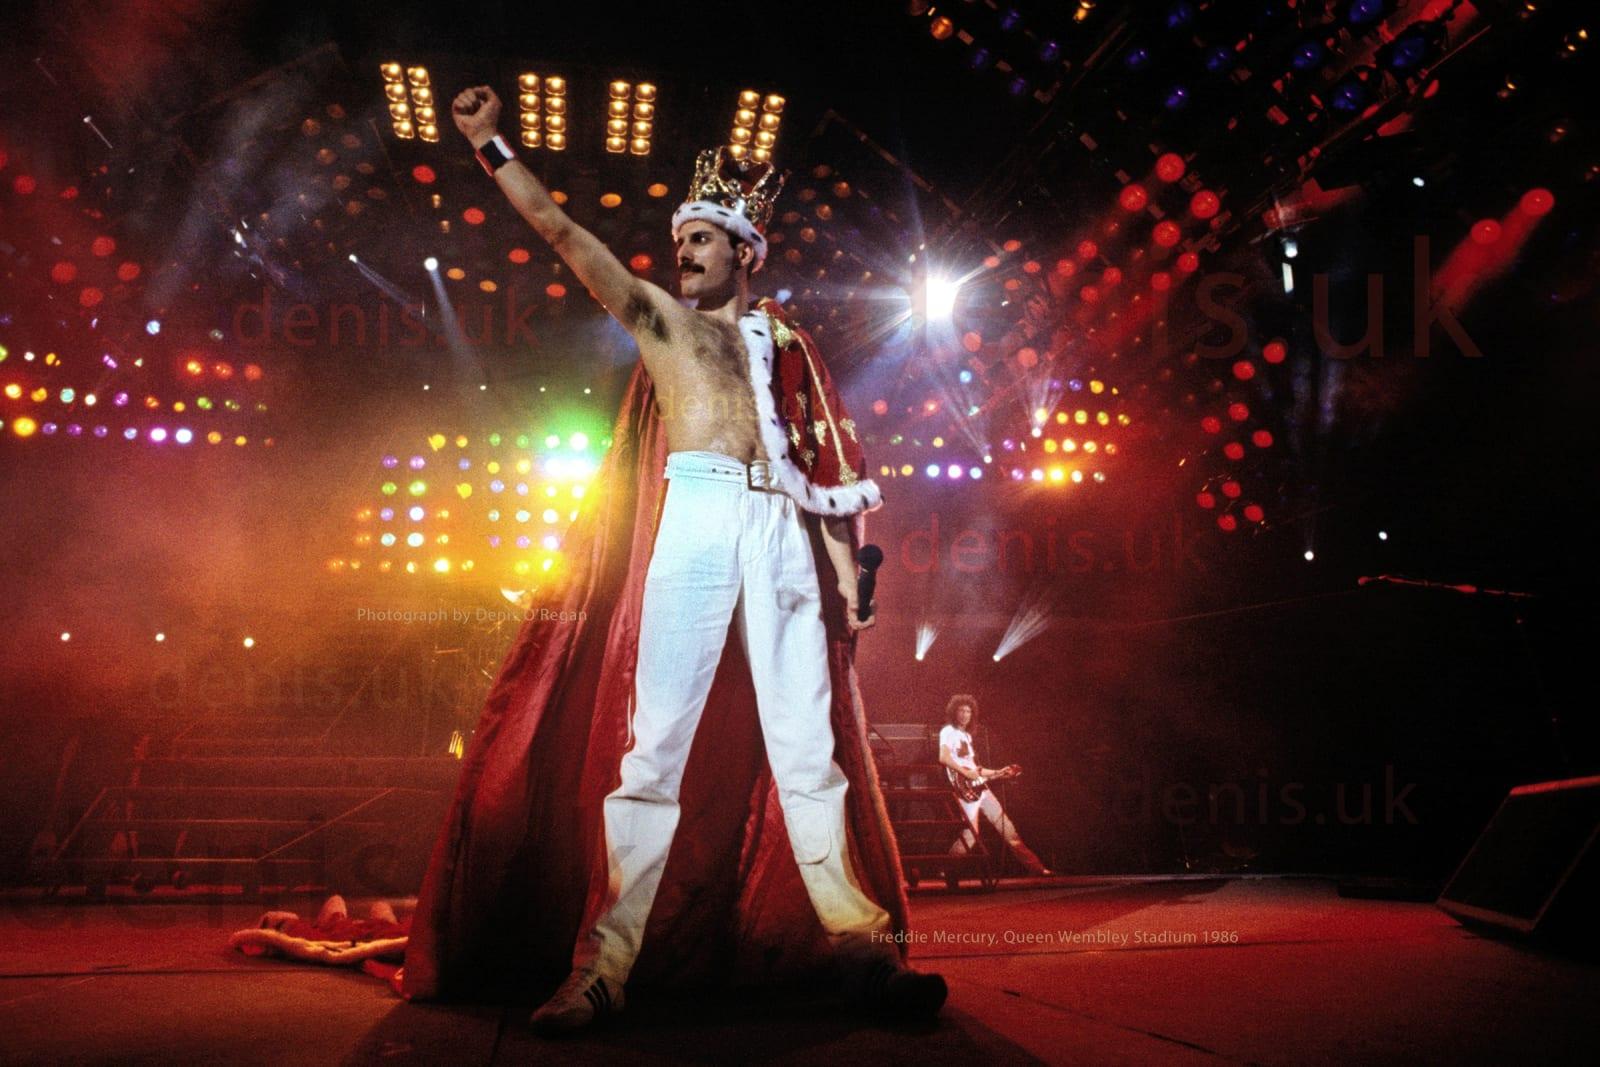 QUEEN, Freddie Wembley Stadium, 1986